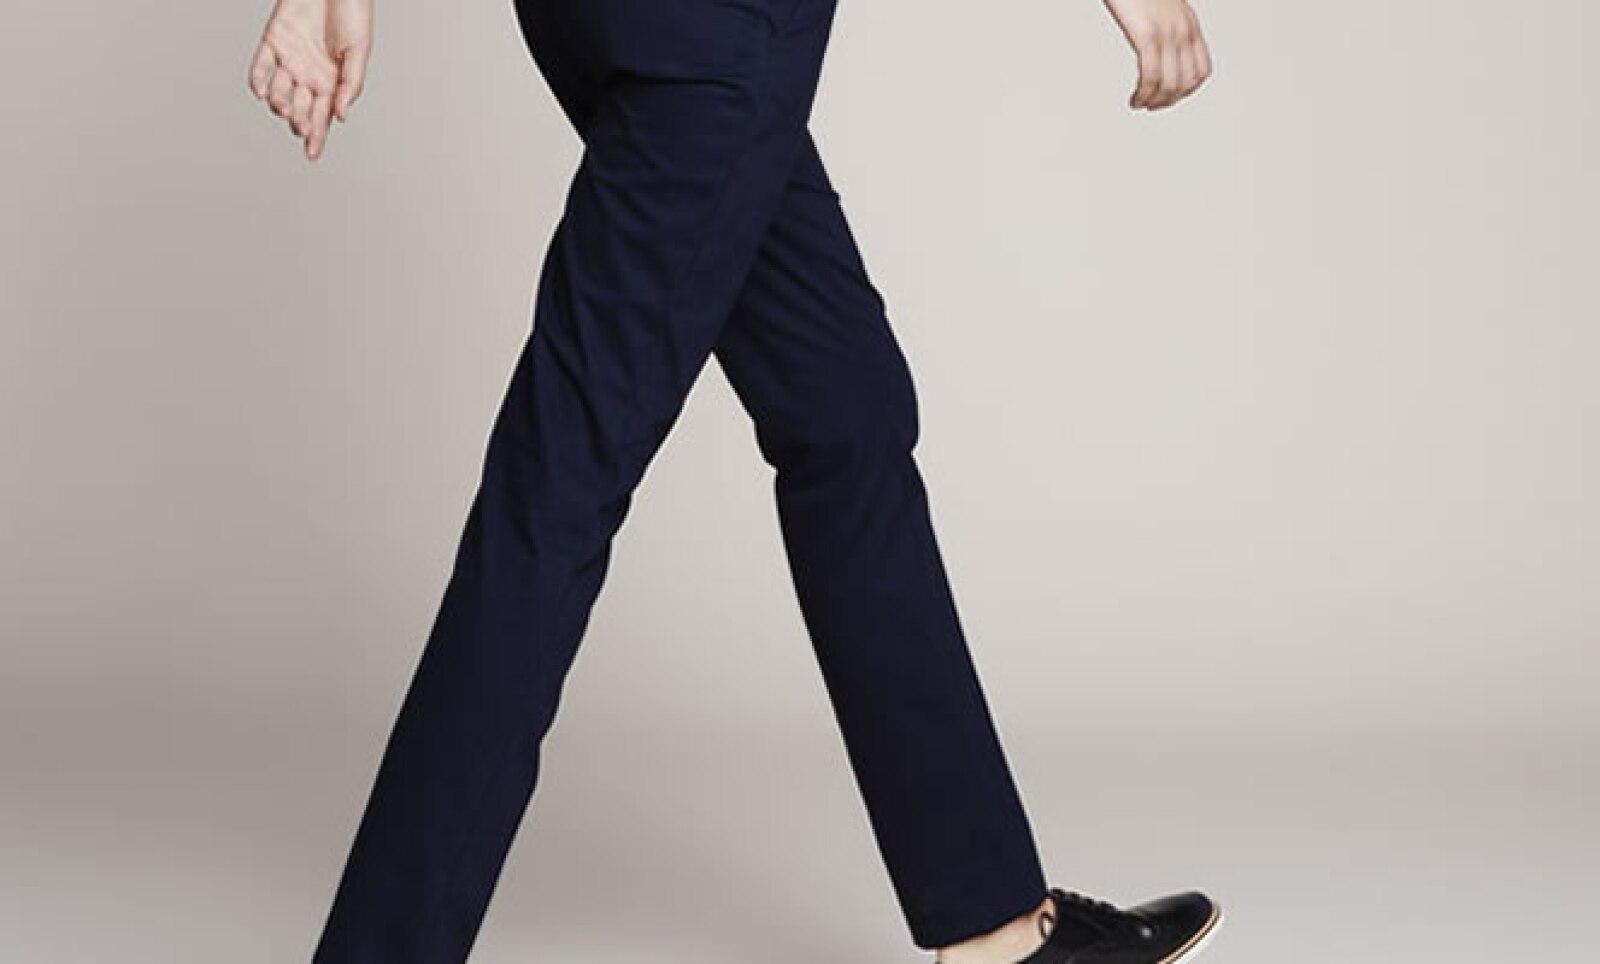 Los pantalones de algón de corte recto acompañados de un blazer, una chaqueta o un suéter son la combinación casual por excelencia.